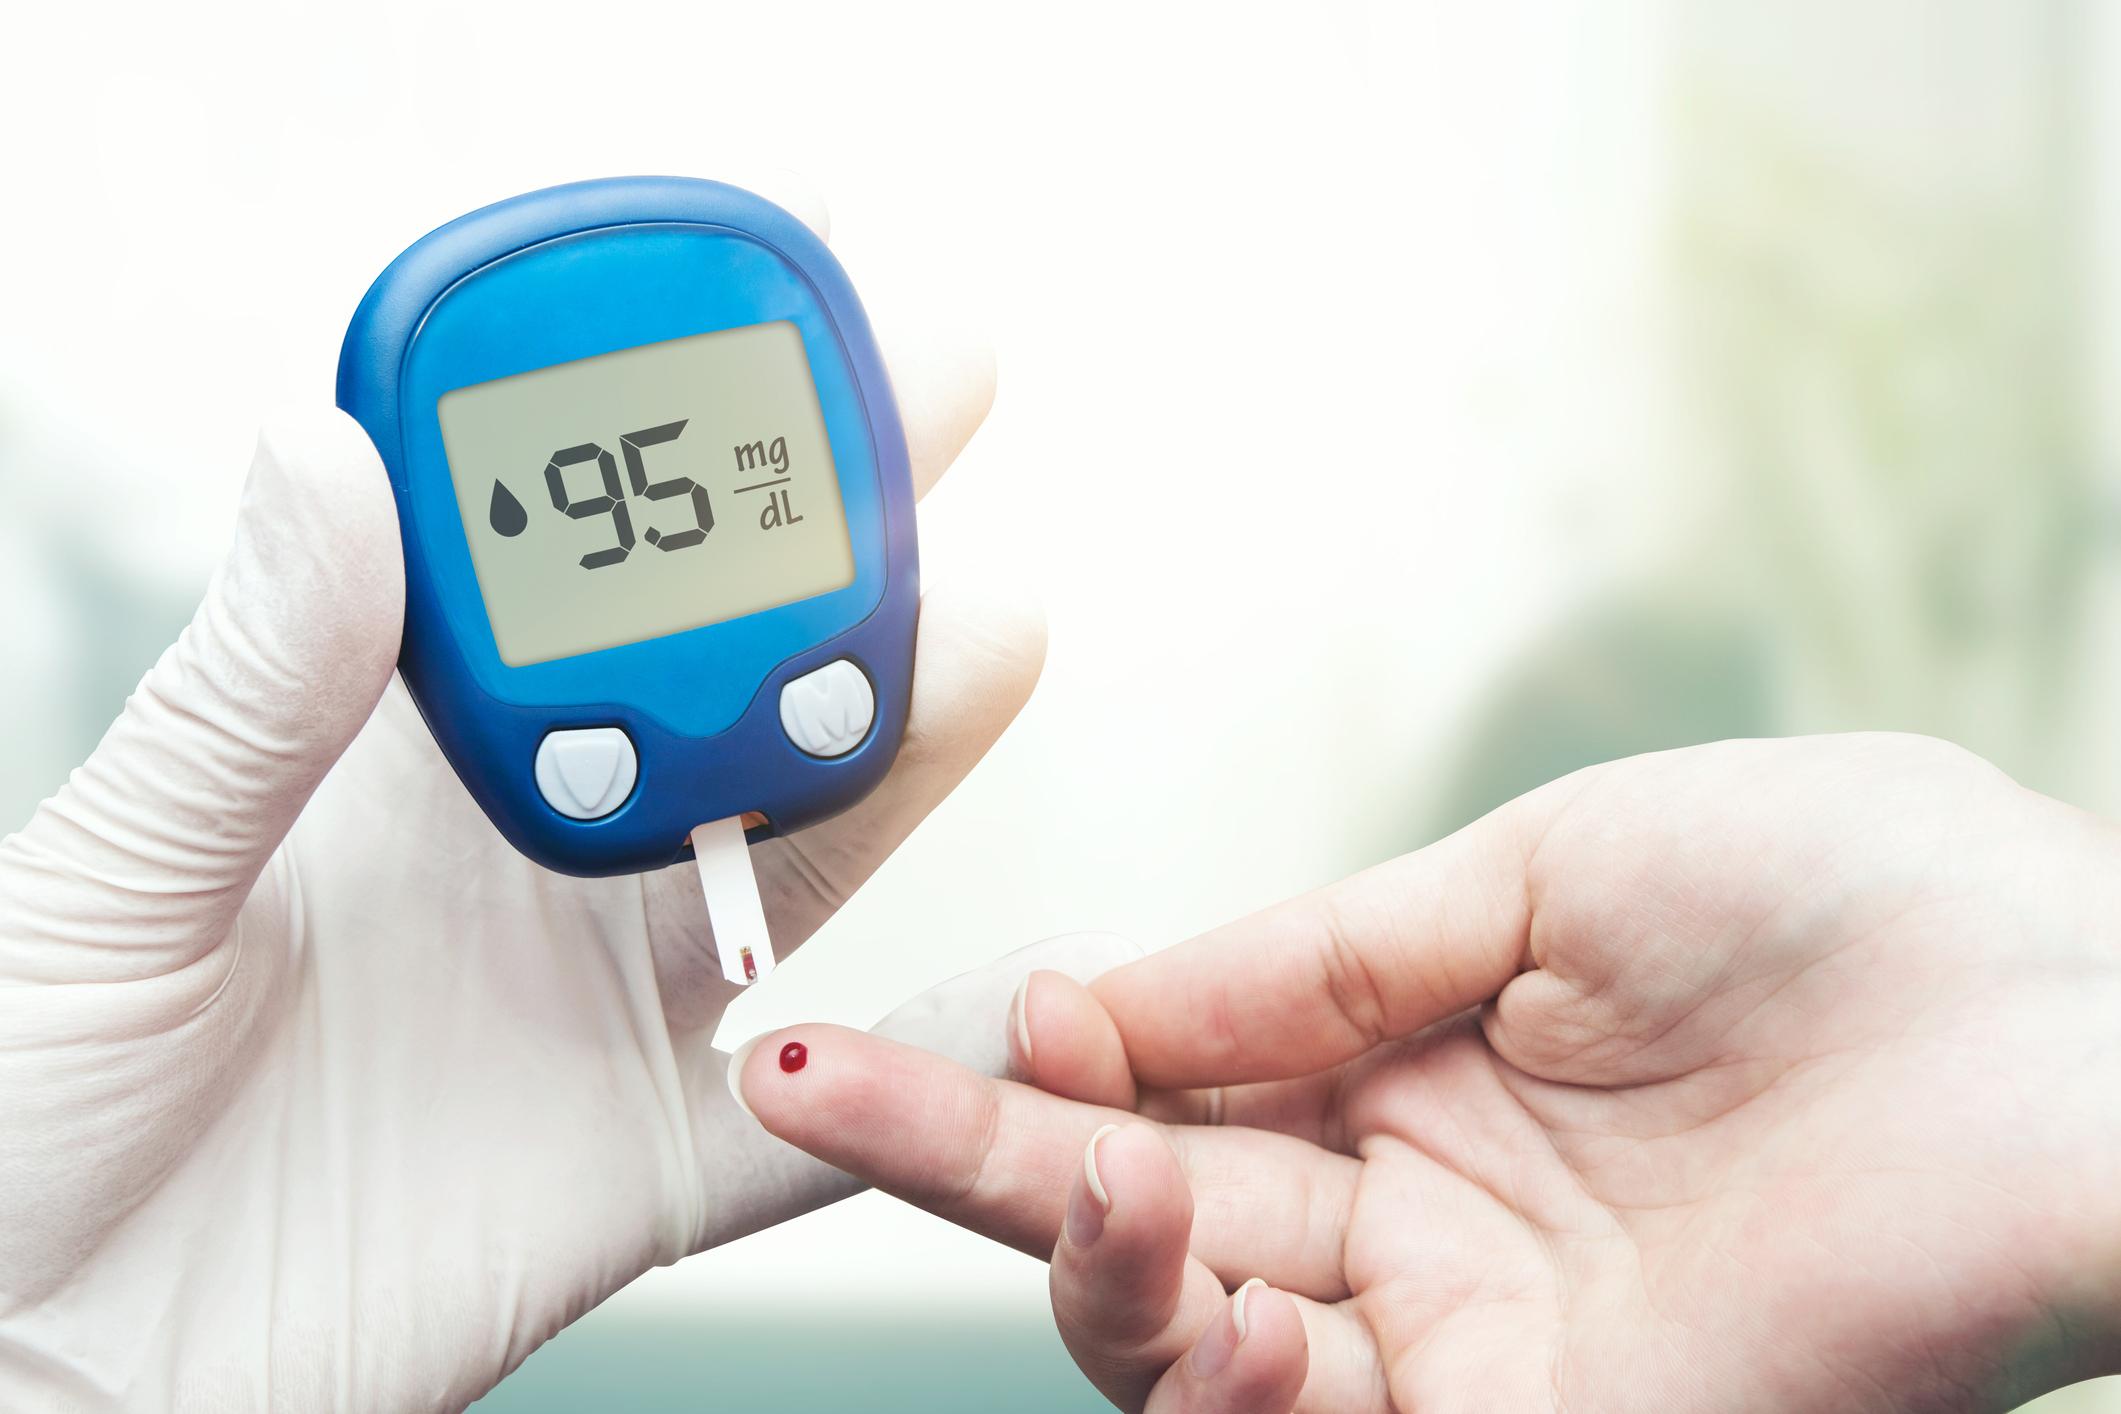 Achegada das férias traz consigo a vontade de abandonar as preocupações e cuidados diários com o corpo. Para os pacientes com Diabetes, esse costume apresenta riscos e pode gerar graves consequências à saúde.